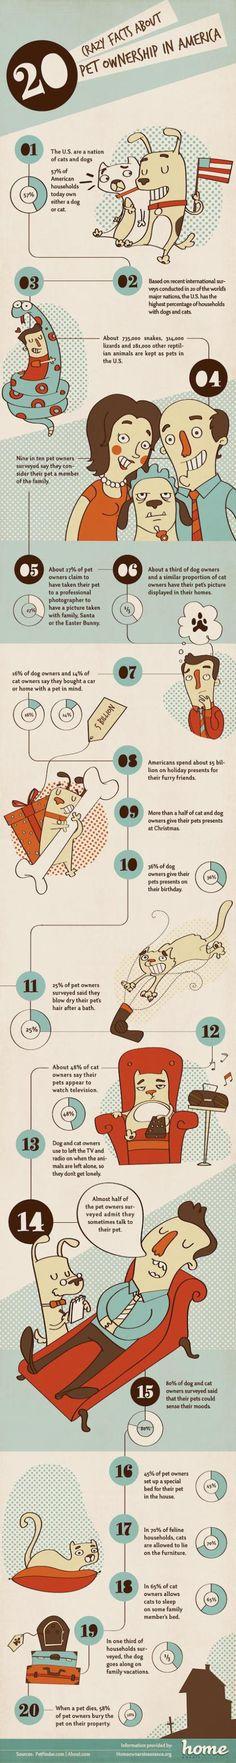 20 curiosidades sobre propietarios de mascotas en América